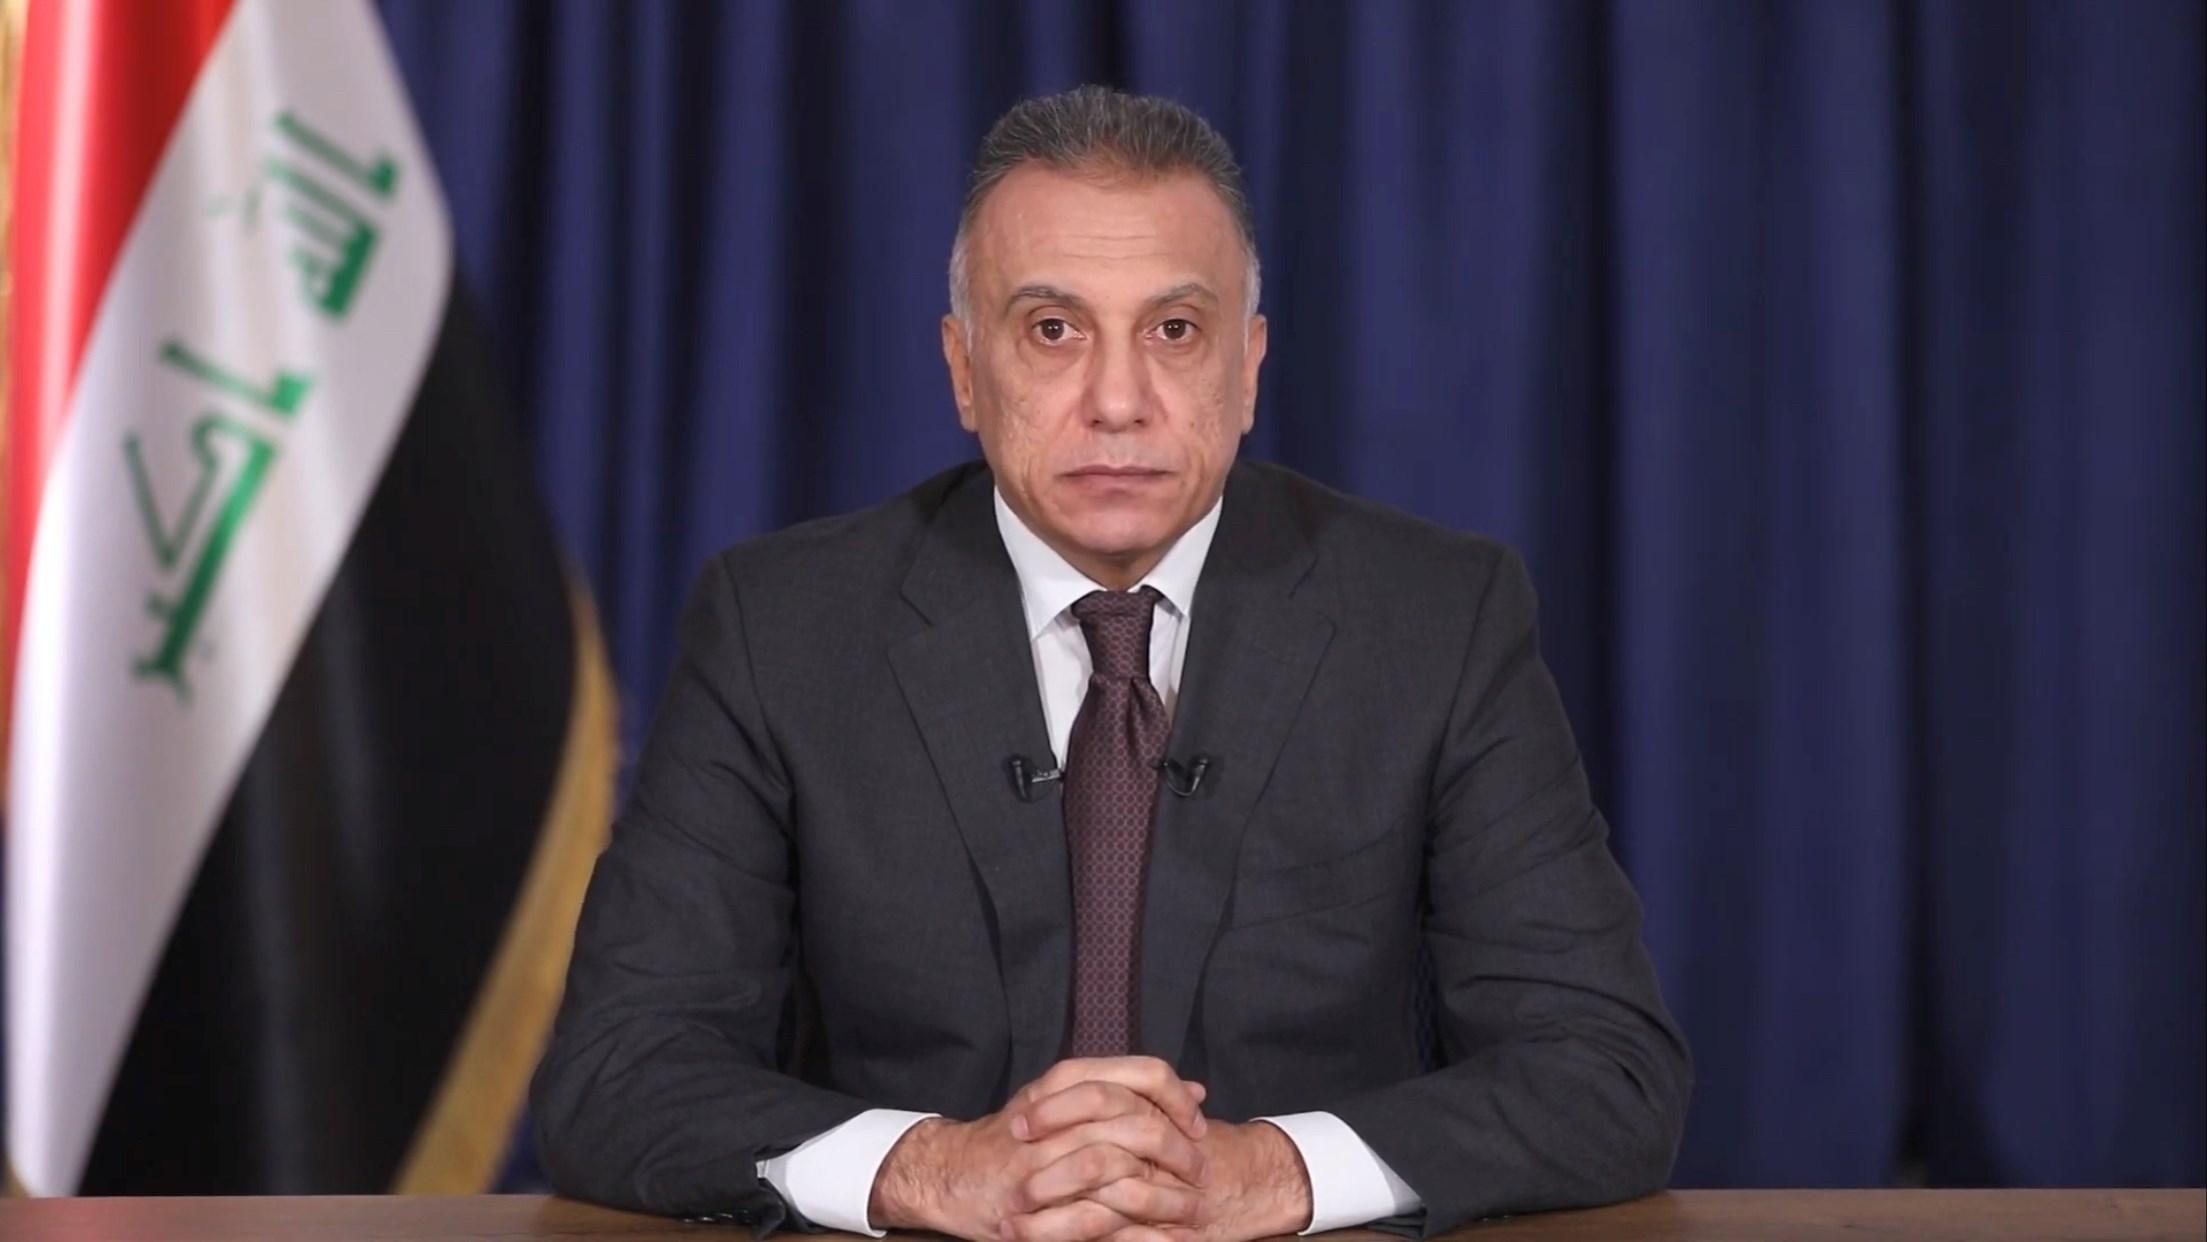 الكاظمي يدعو إلى حماية العراق وعدم تكرار ما حدث في العام 2014